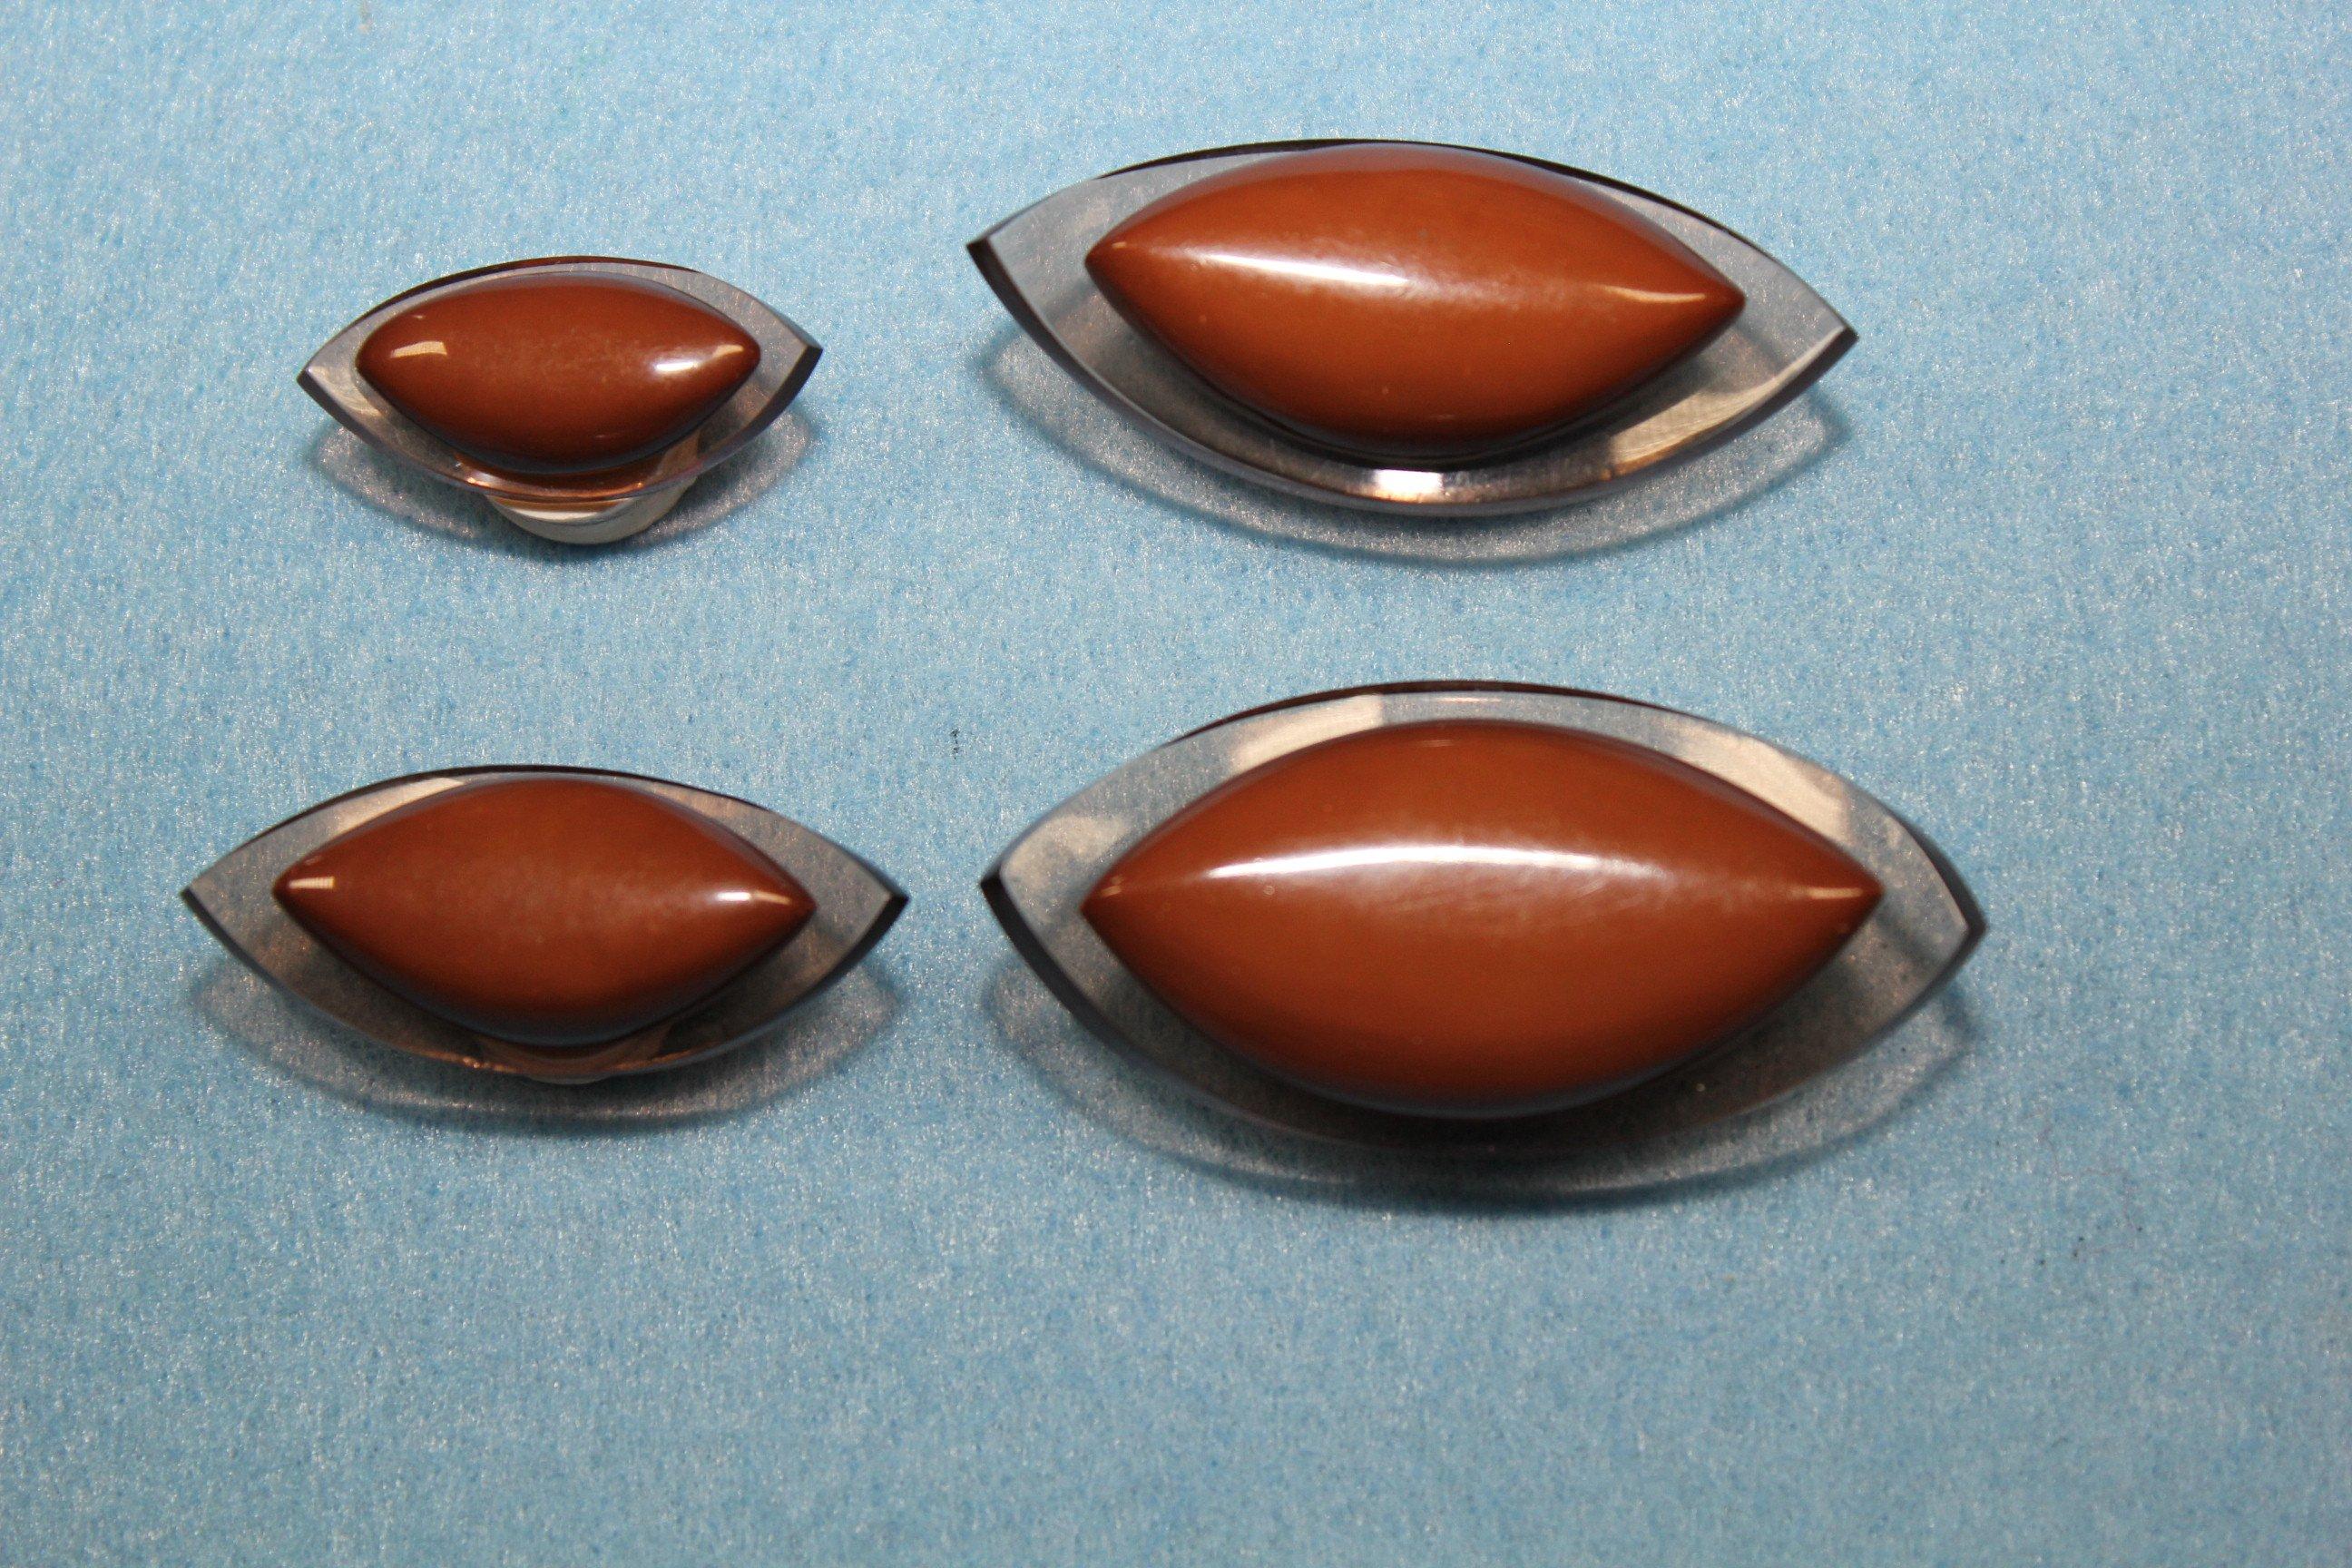 quattro bottoni a forma di mandorla di color marrone